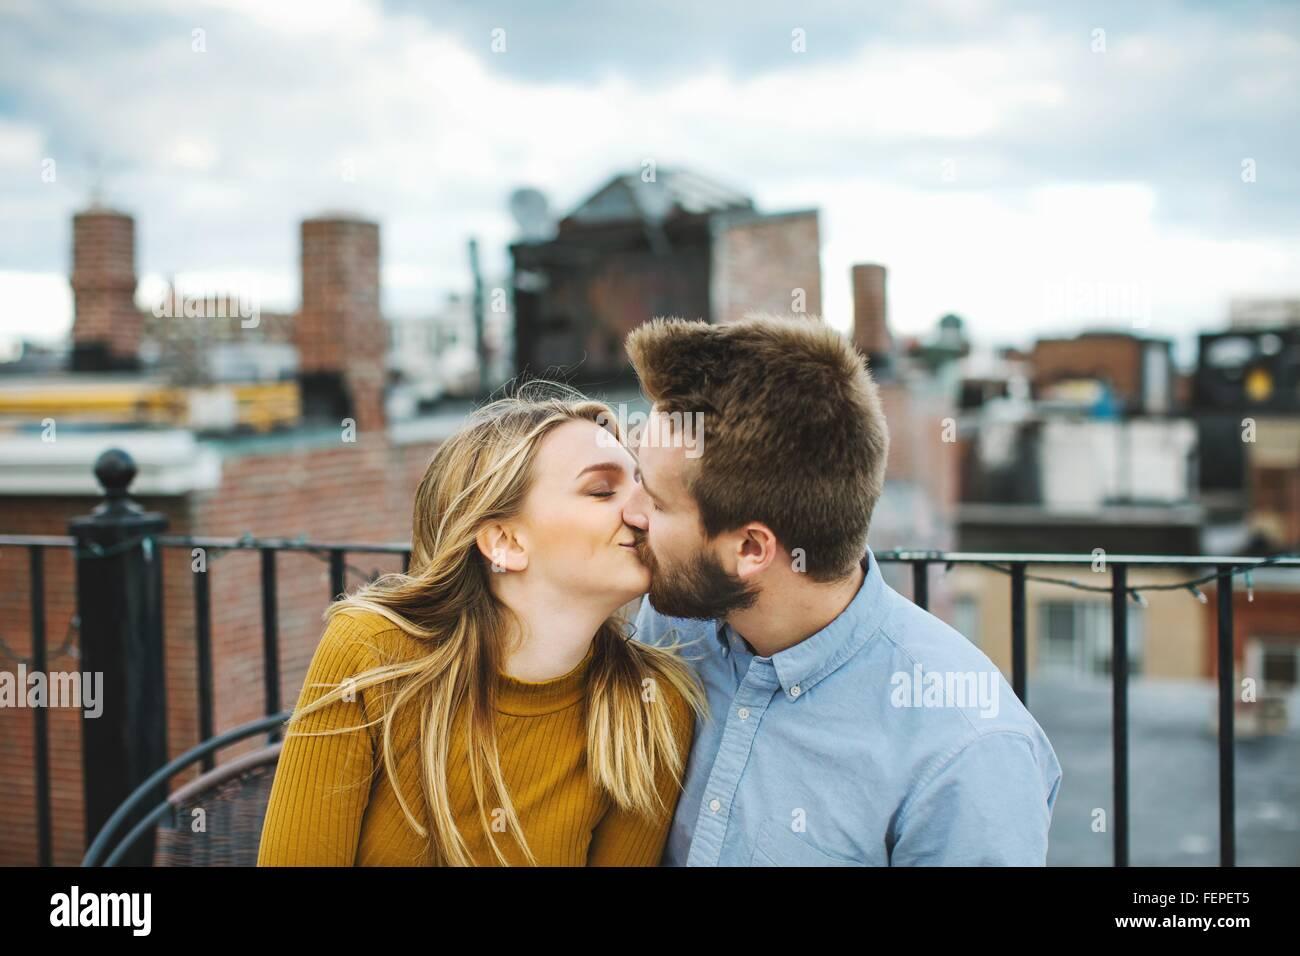 Romantico coppia giovane baciare sulla città terrazza sul tetto Immagini Stock